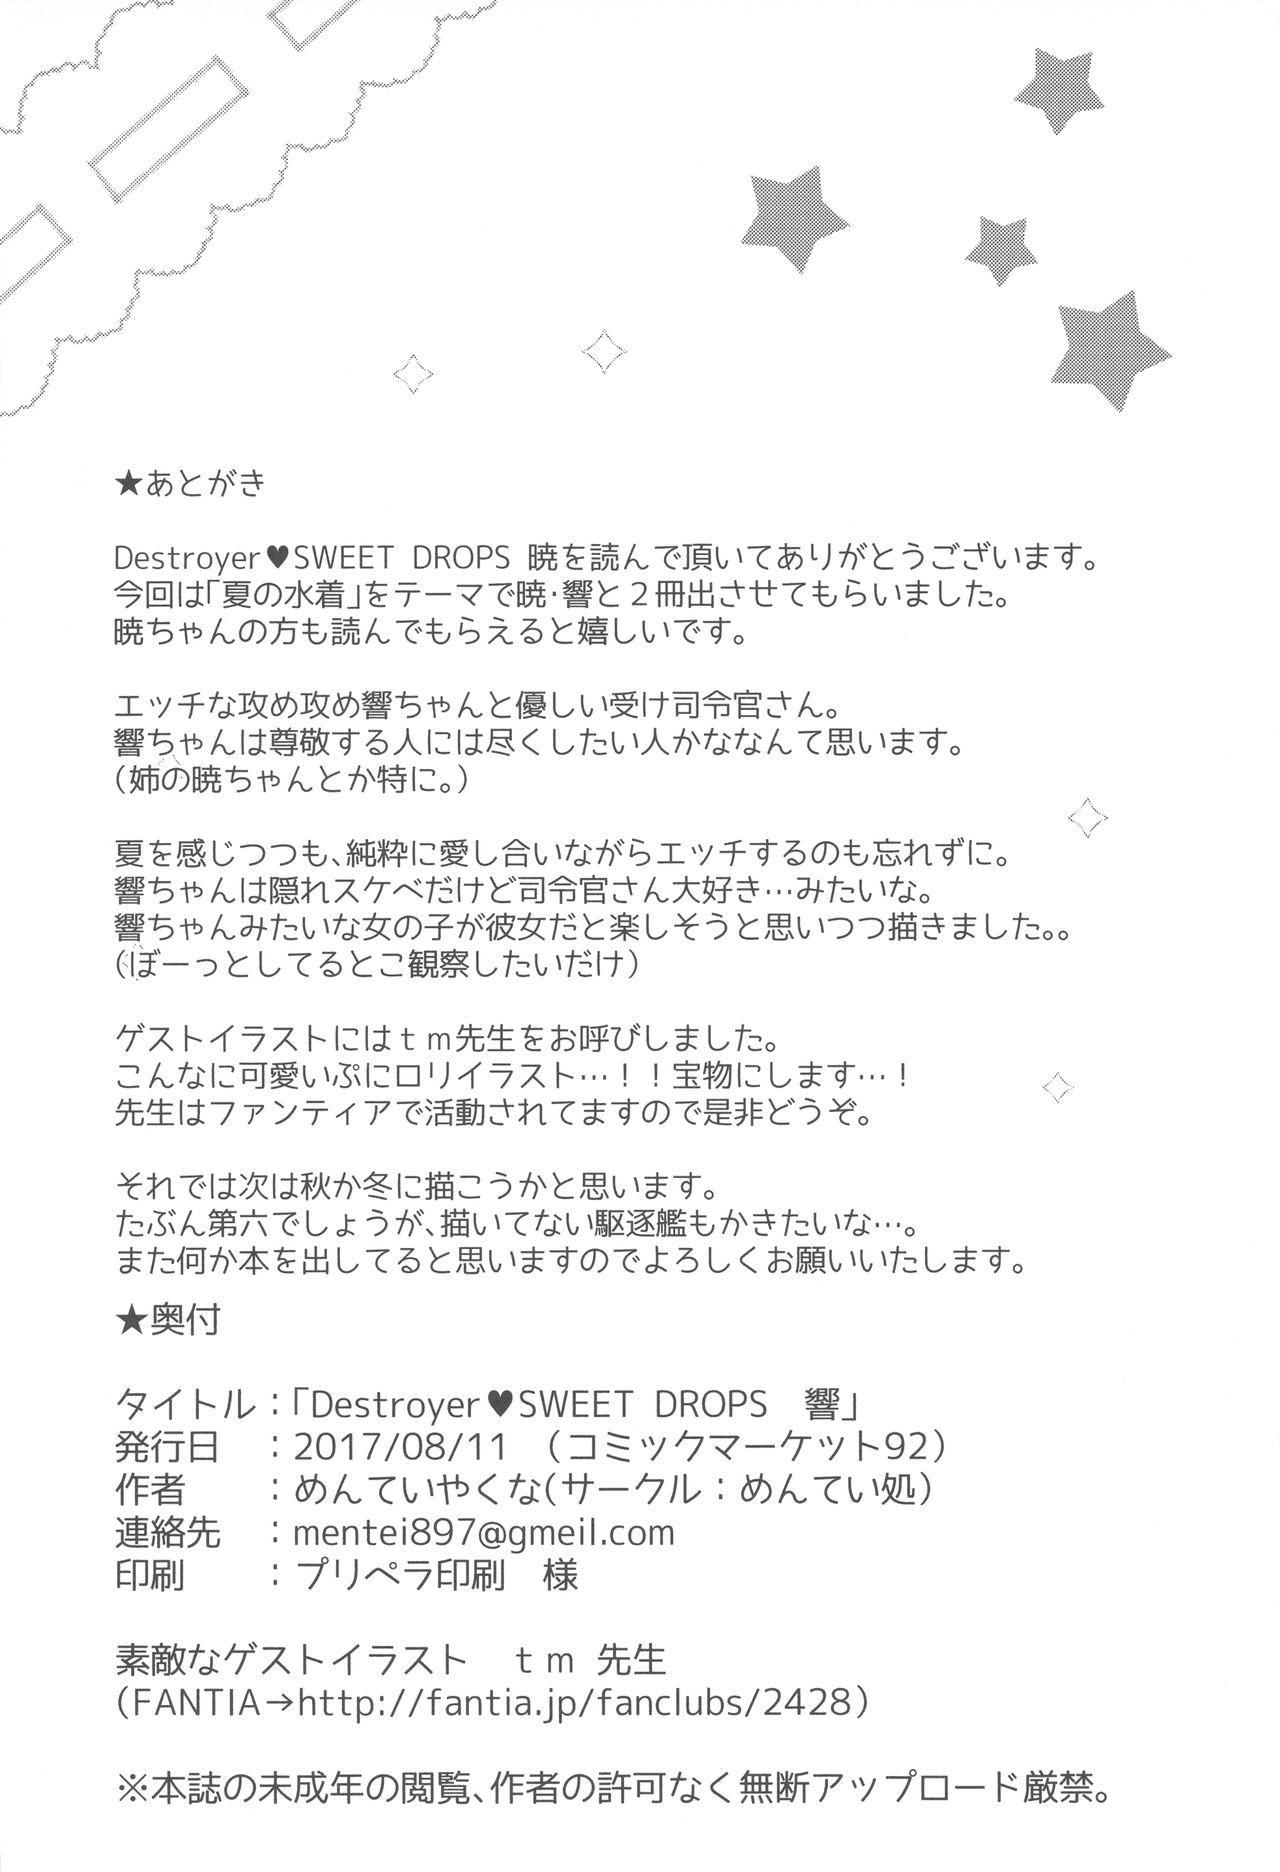 Destroyer SWEET DROPS Hibiki | Destroyer SWEET DROPS 21